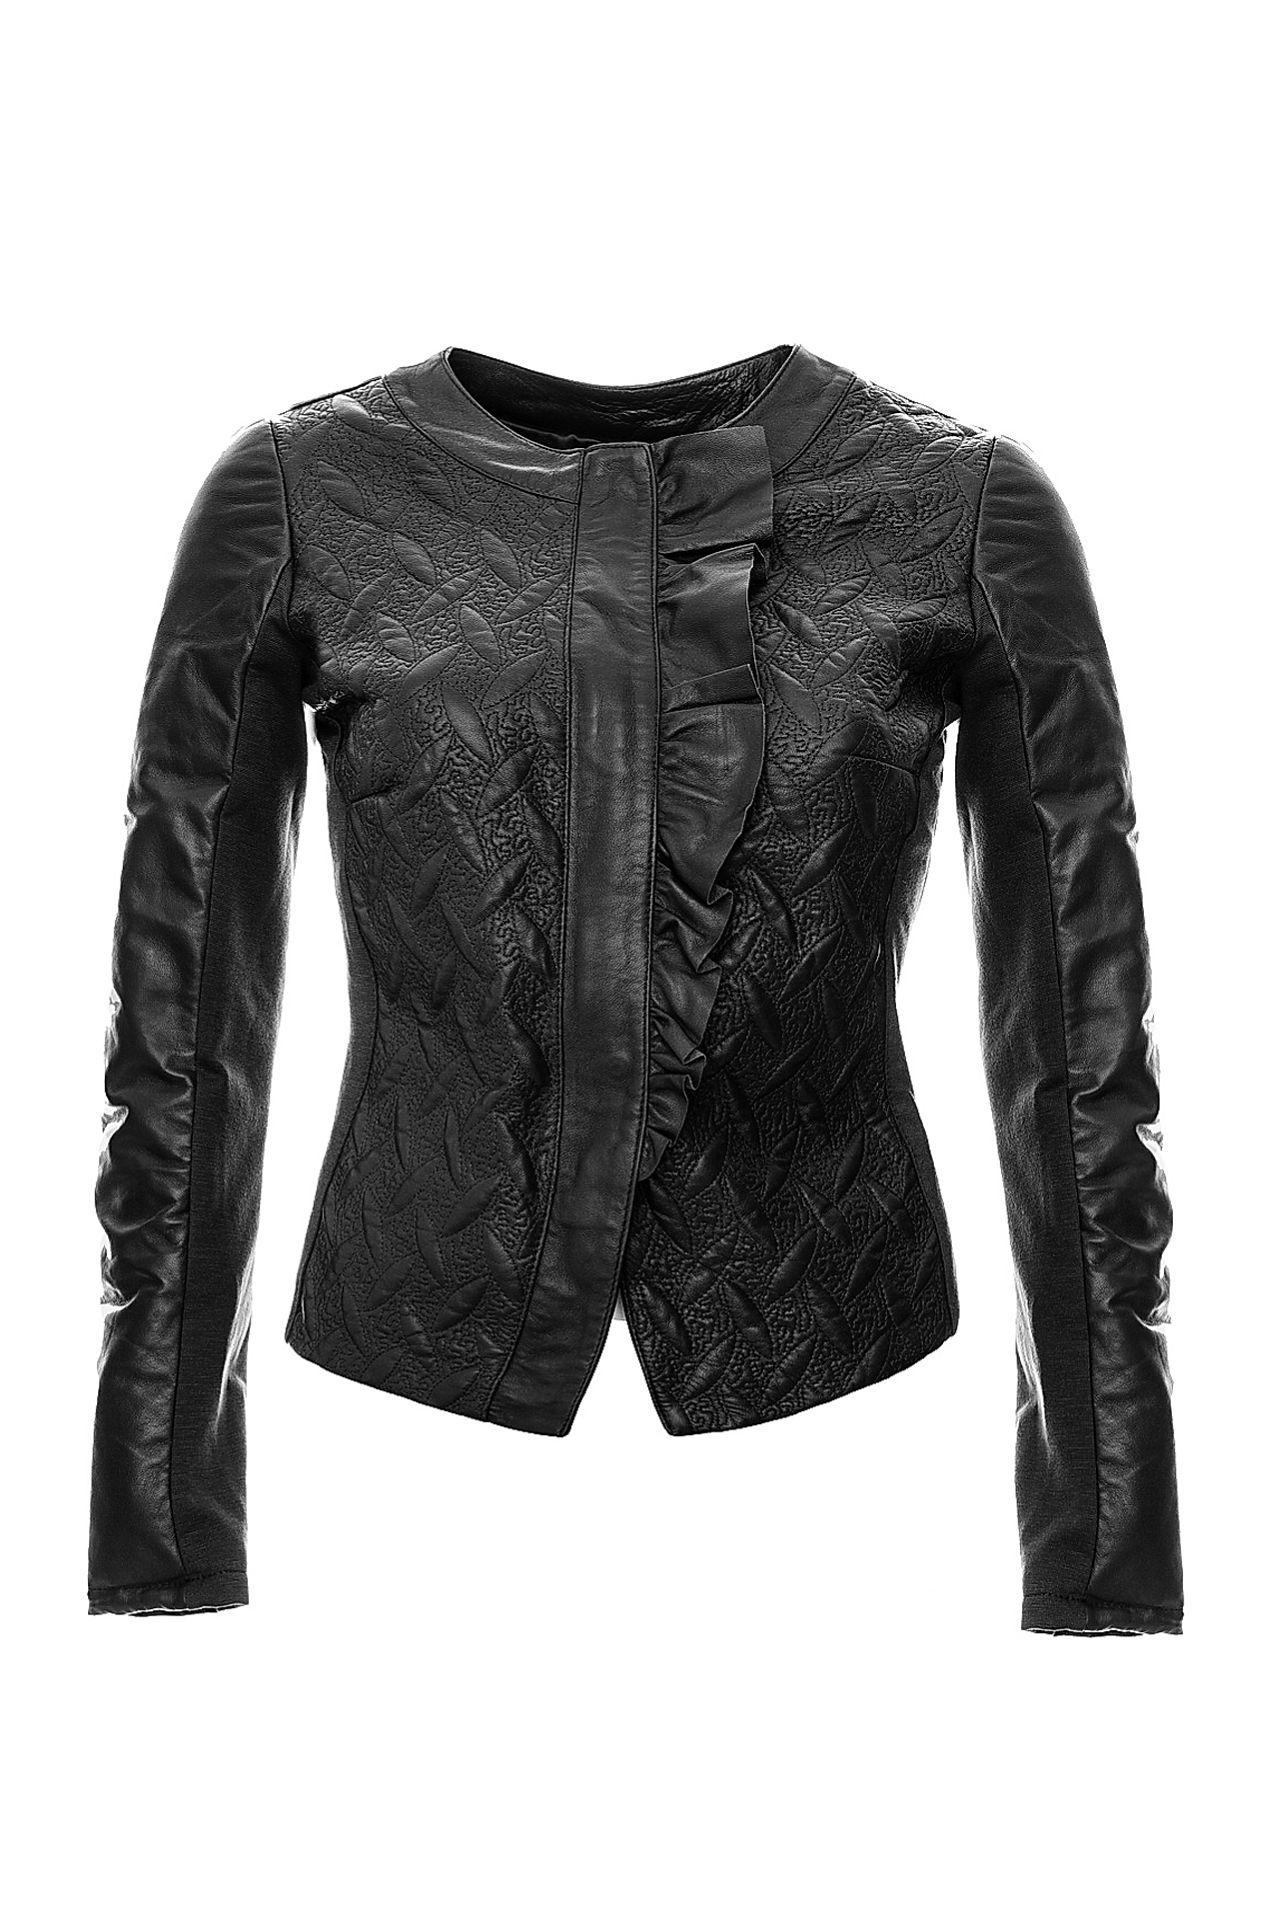 куртка с кожаными рукавами женская картинки местному преданию, название